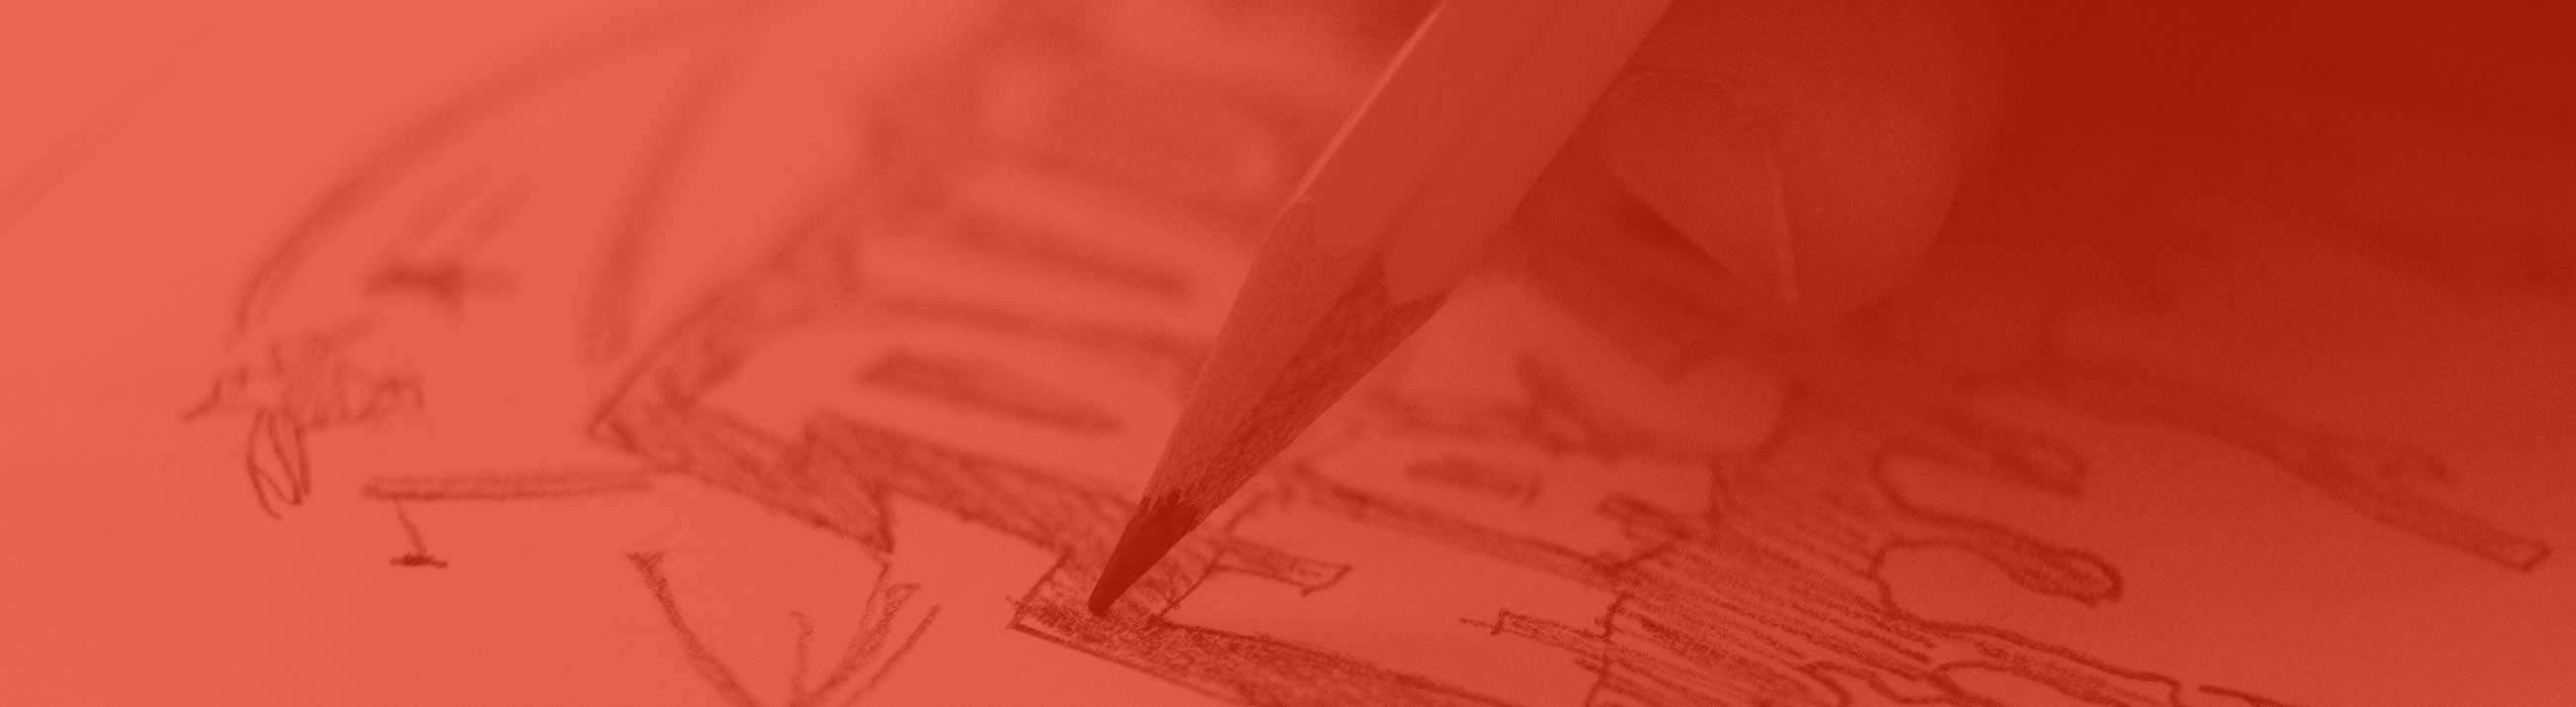 Estudio creativo de diseño gráfico, digital y web - Drool Studio slider 5